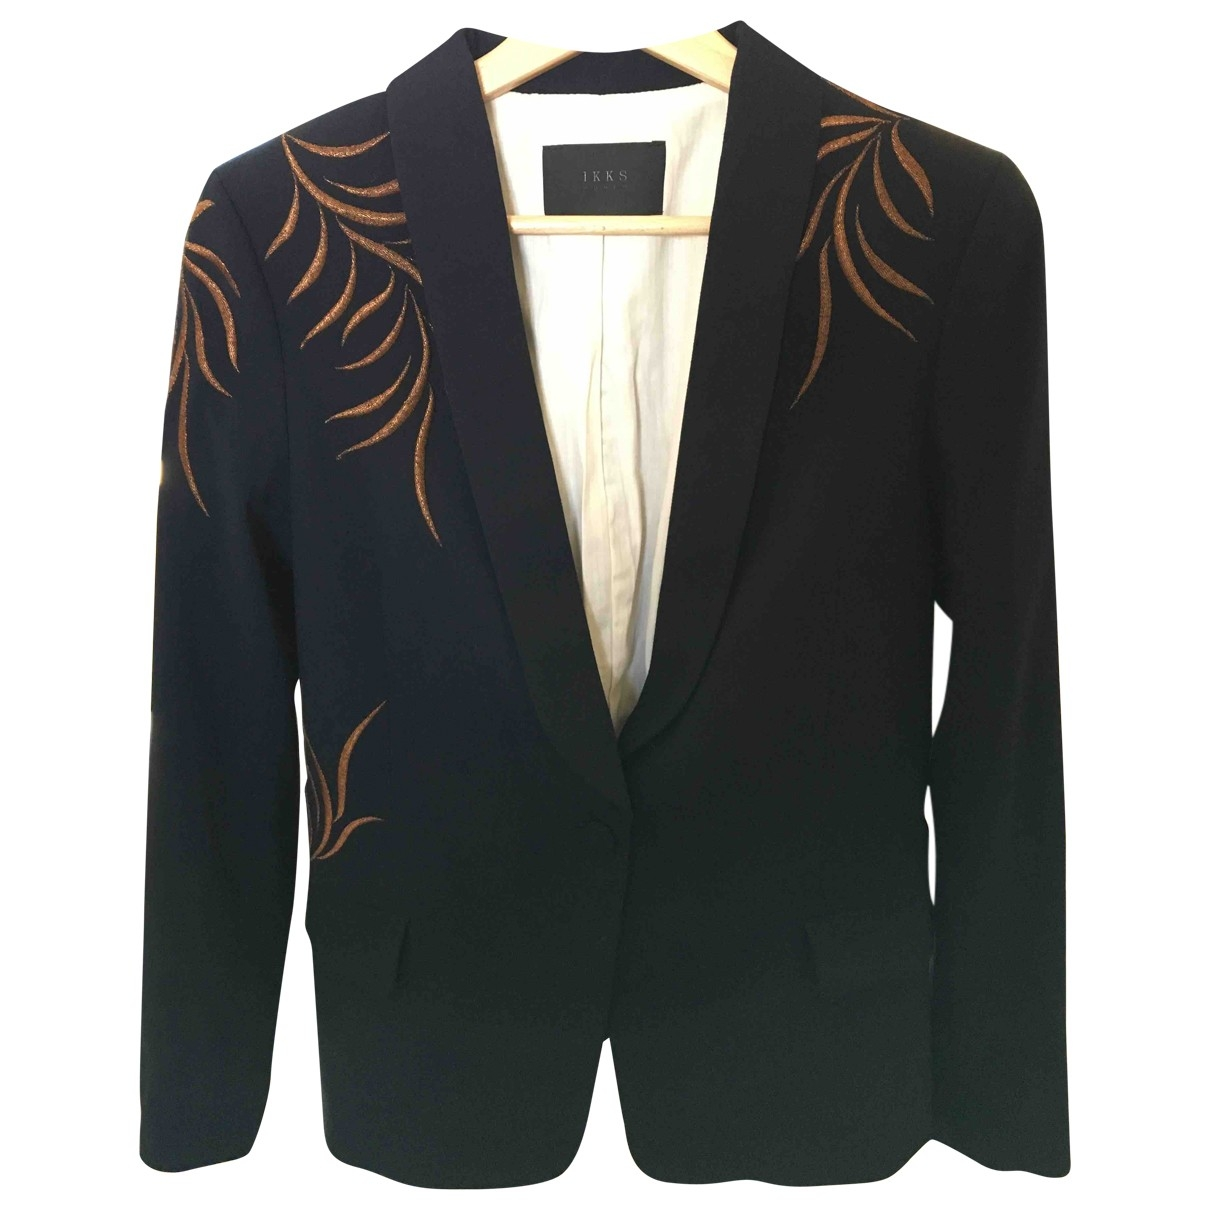 Ikks \N Navy jacket for Women 36 FR